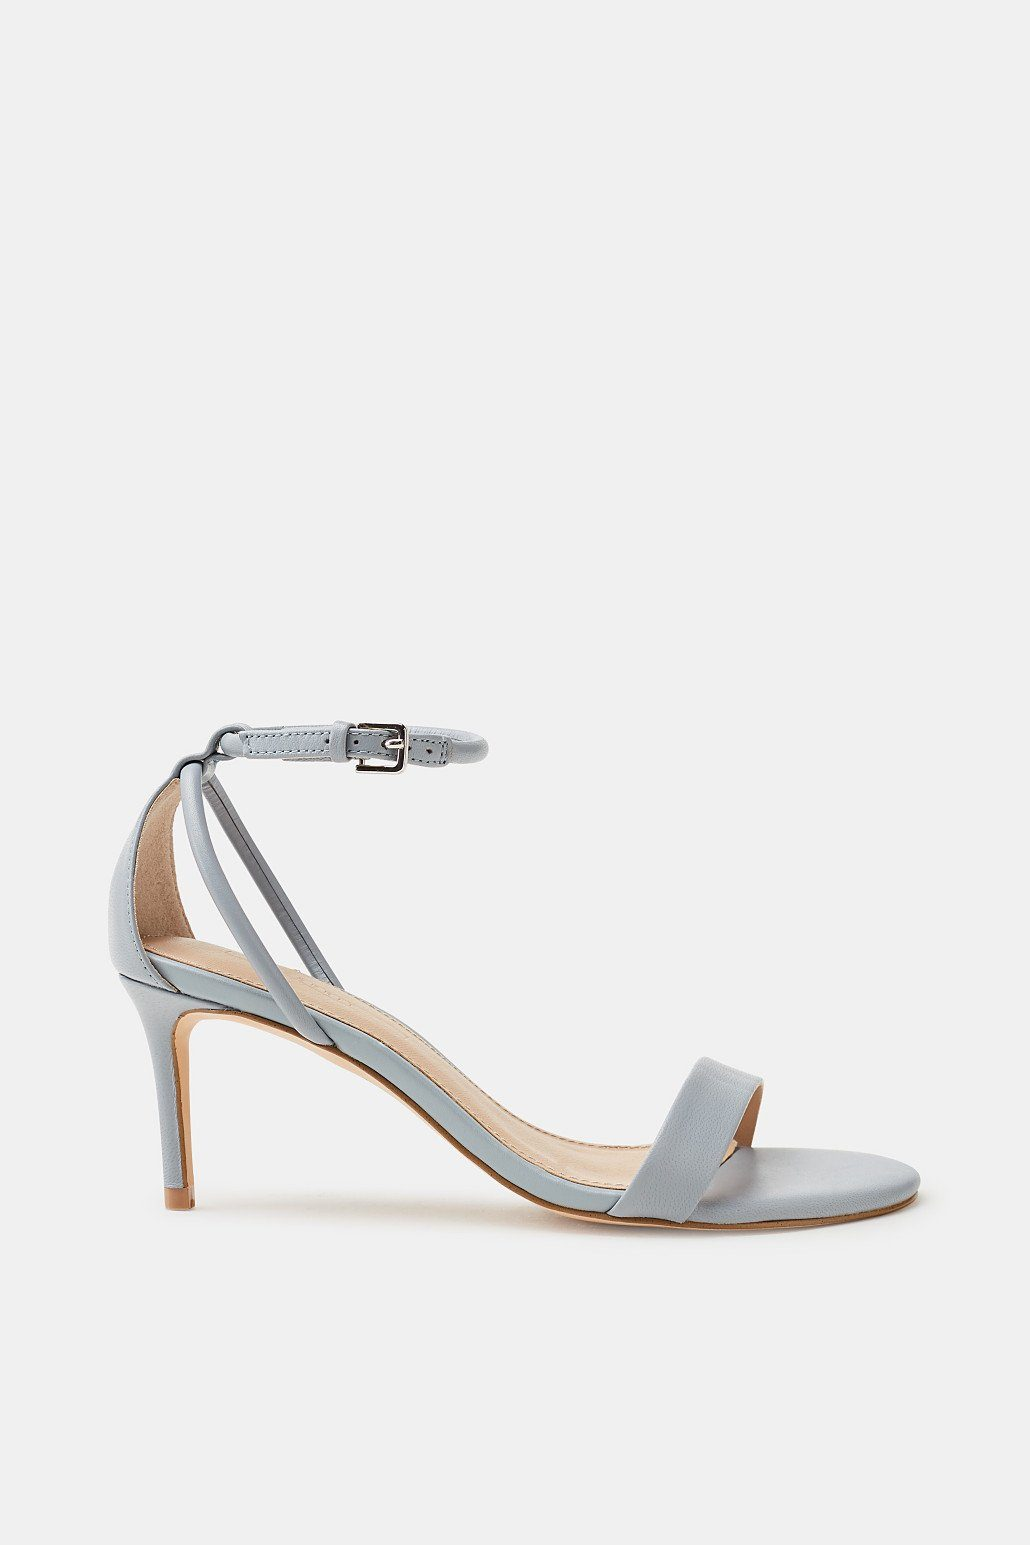 Esprit ESPRIT Elegante Sandalette aus Leder, weiß, WHITE